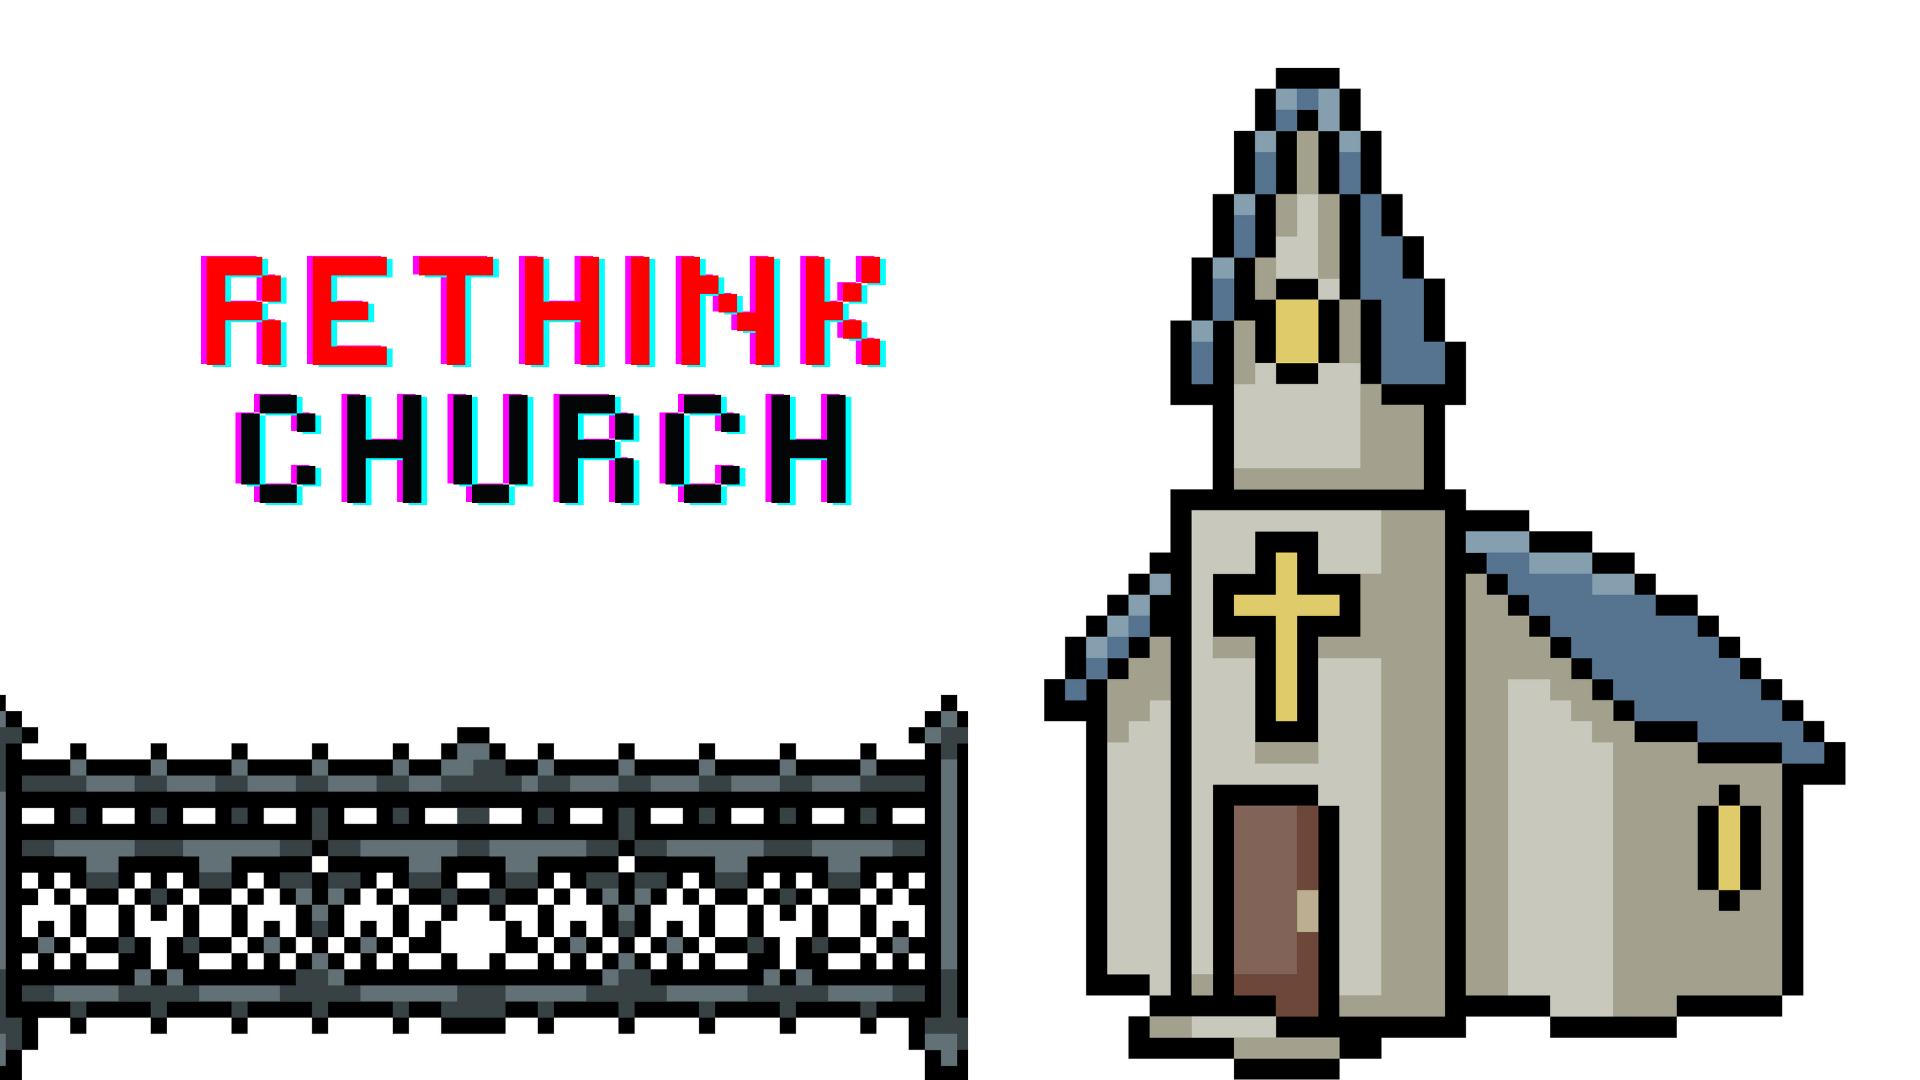 La iglesia se hace presente en algunos espacios digitales sorprendentes